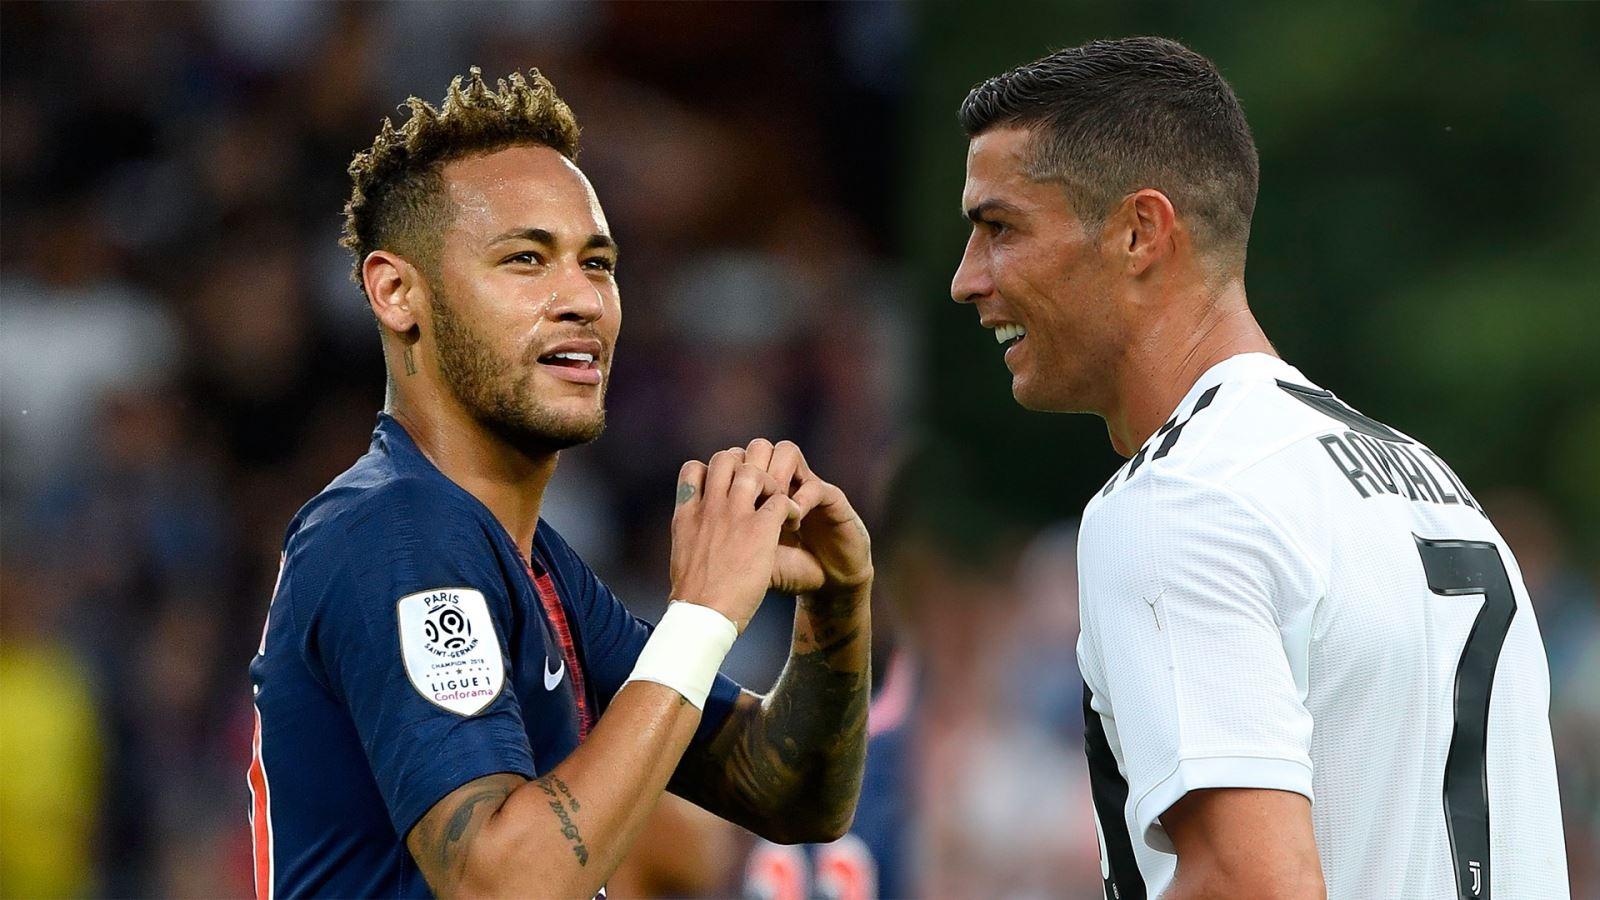 CHUYỂN NHƯỢNG 26/7: MU đạt thỏa thuận với Nicolas Pepe. Barca sợ mất Neymar vào tay Juve